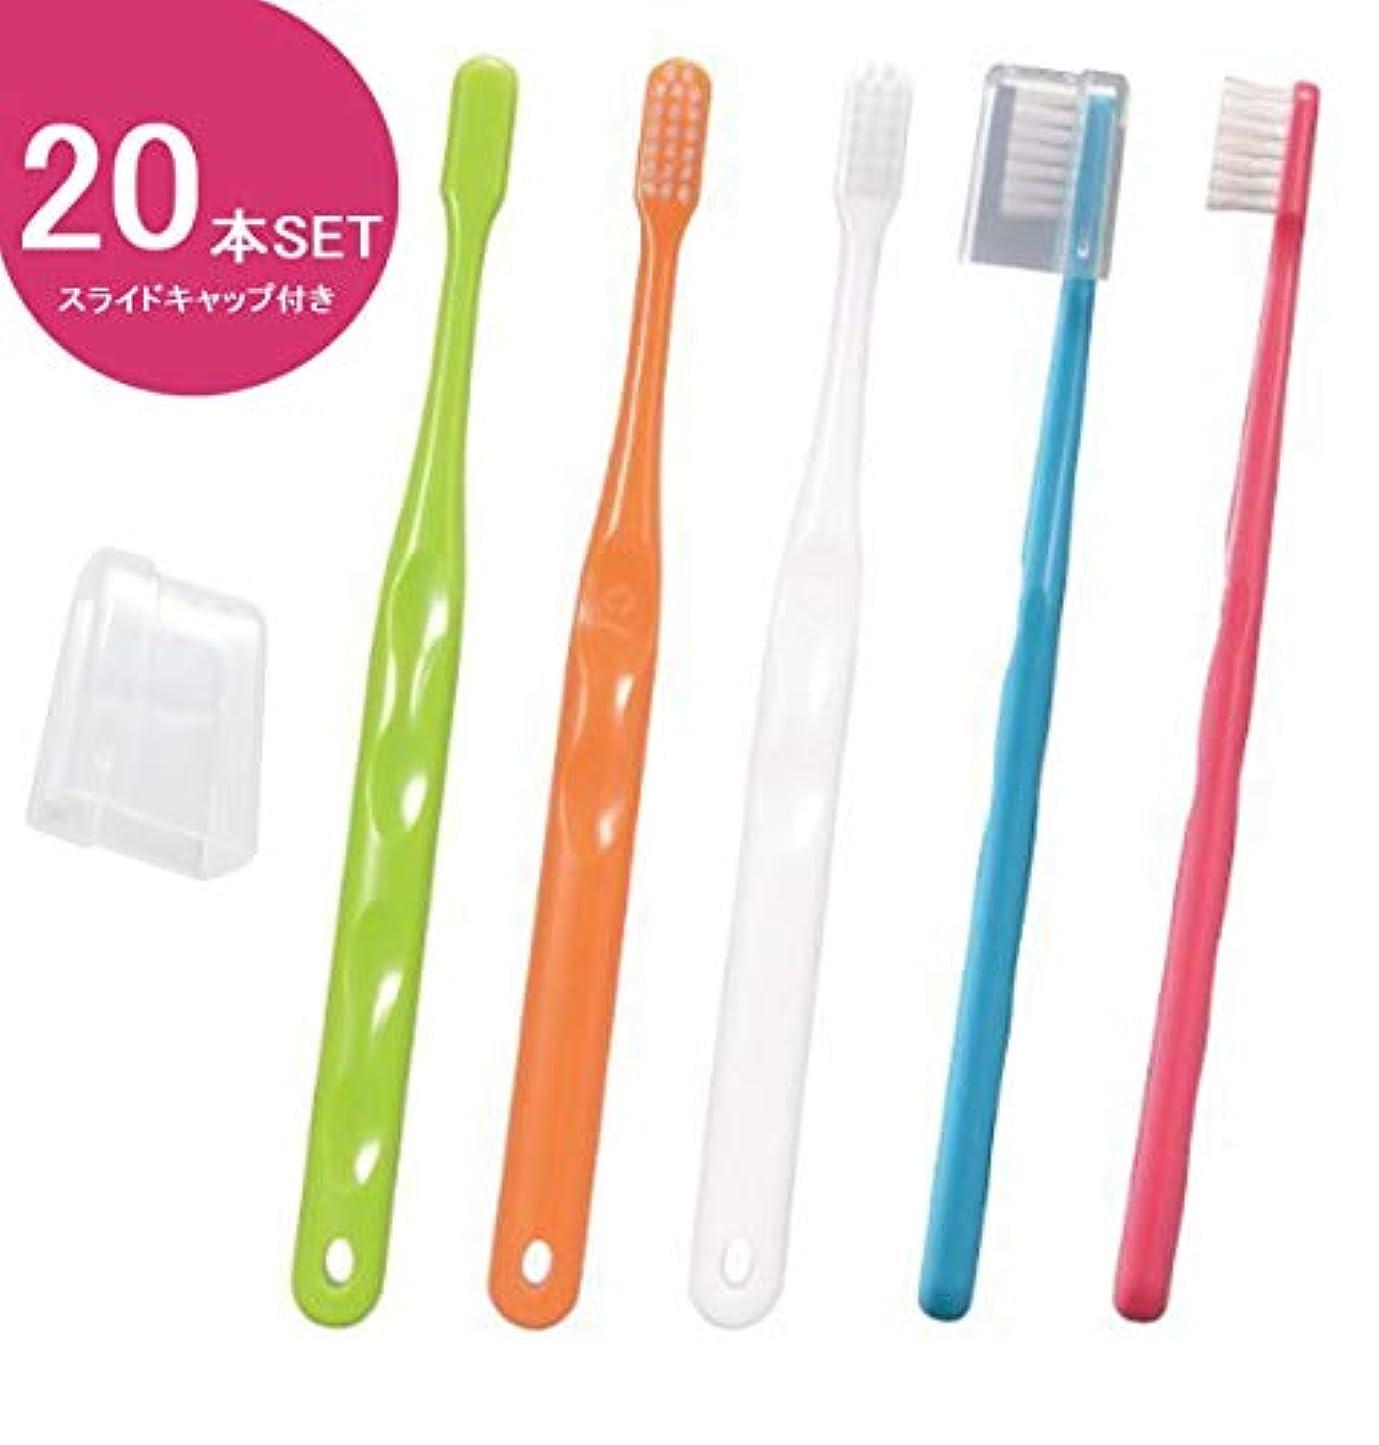 シャイ間違いなくやけどCiメディカル Ci700 (超先細+ラウンド毛) 歯ブラシ S(やわらかめ) スライドキャップ付き 20本